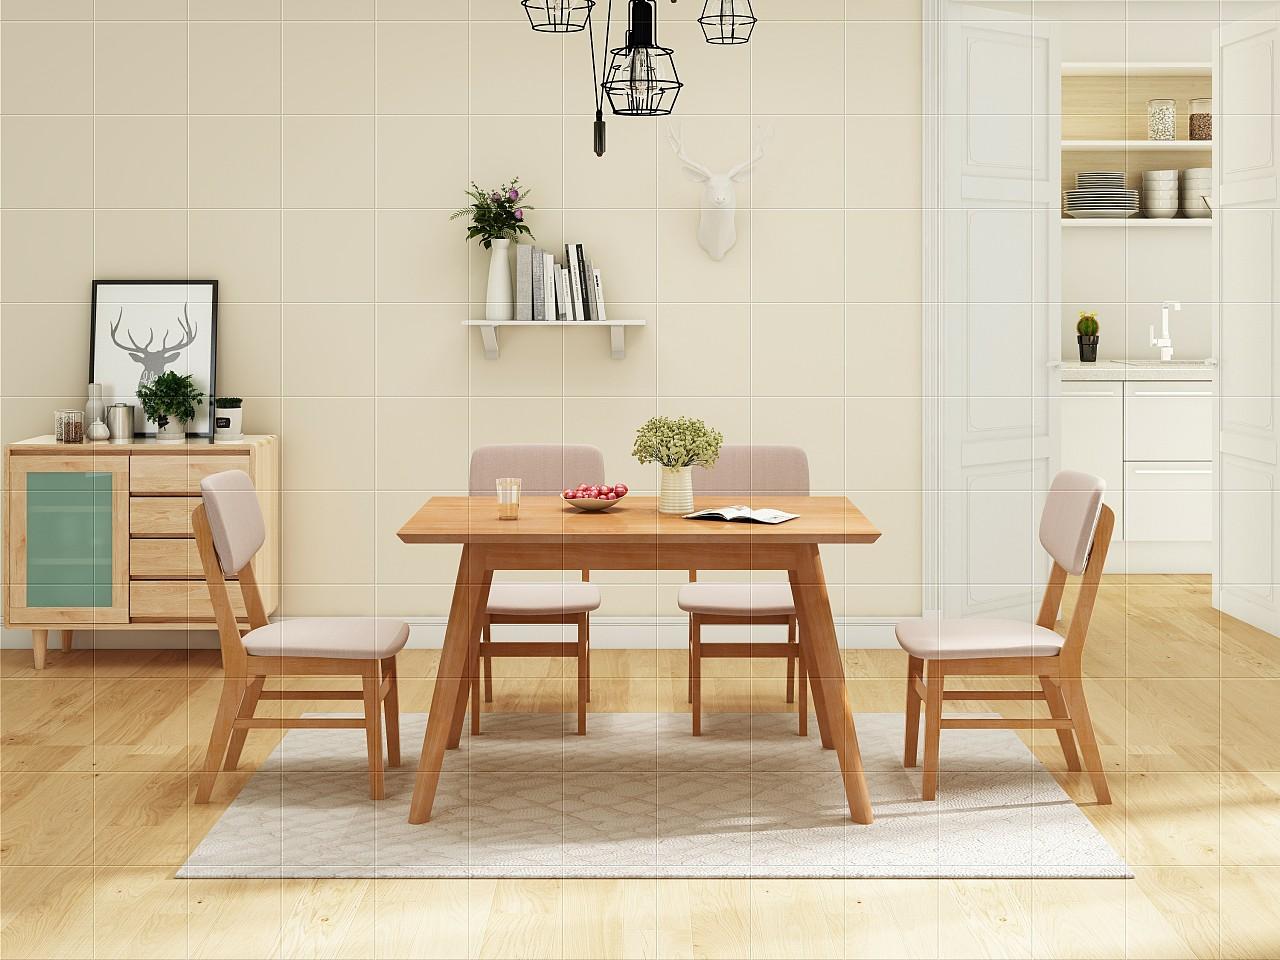 北欧实木系列之餐桌图片